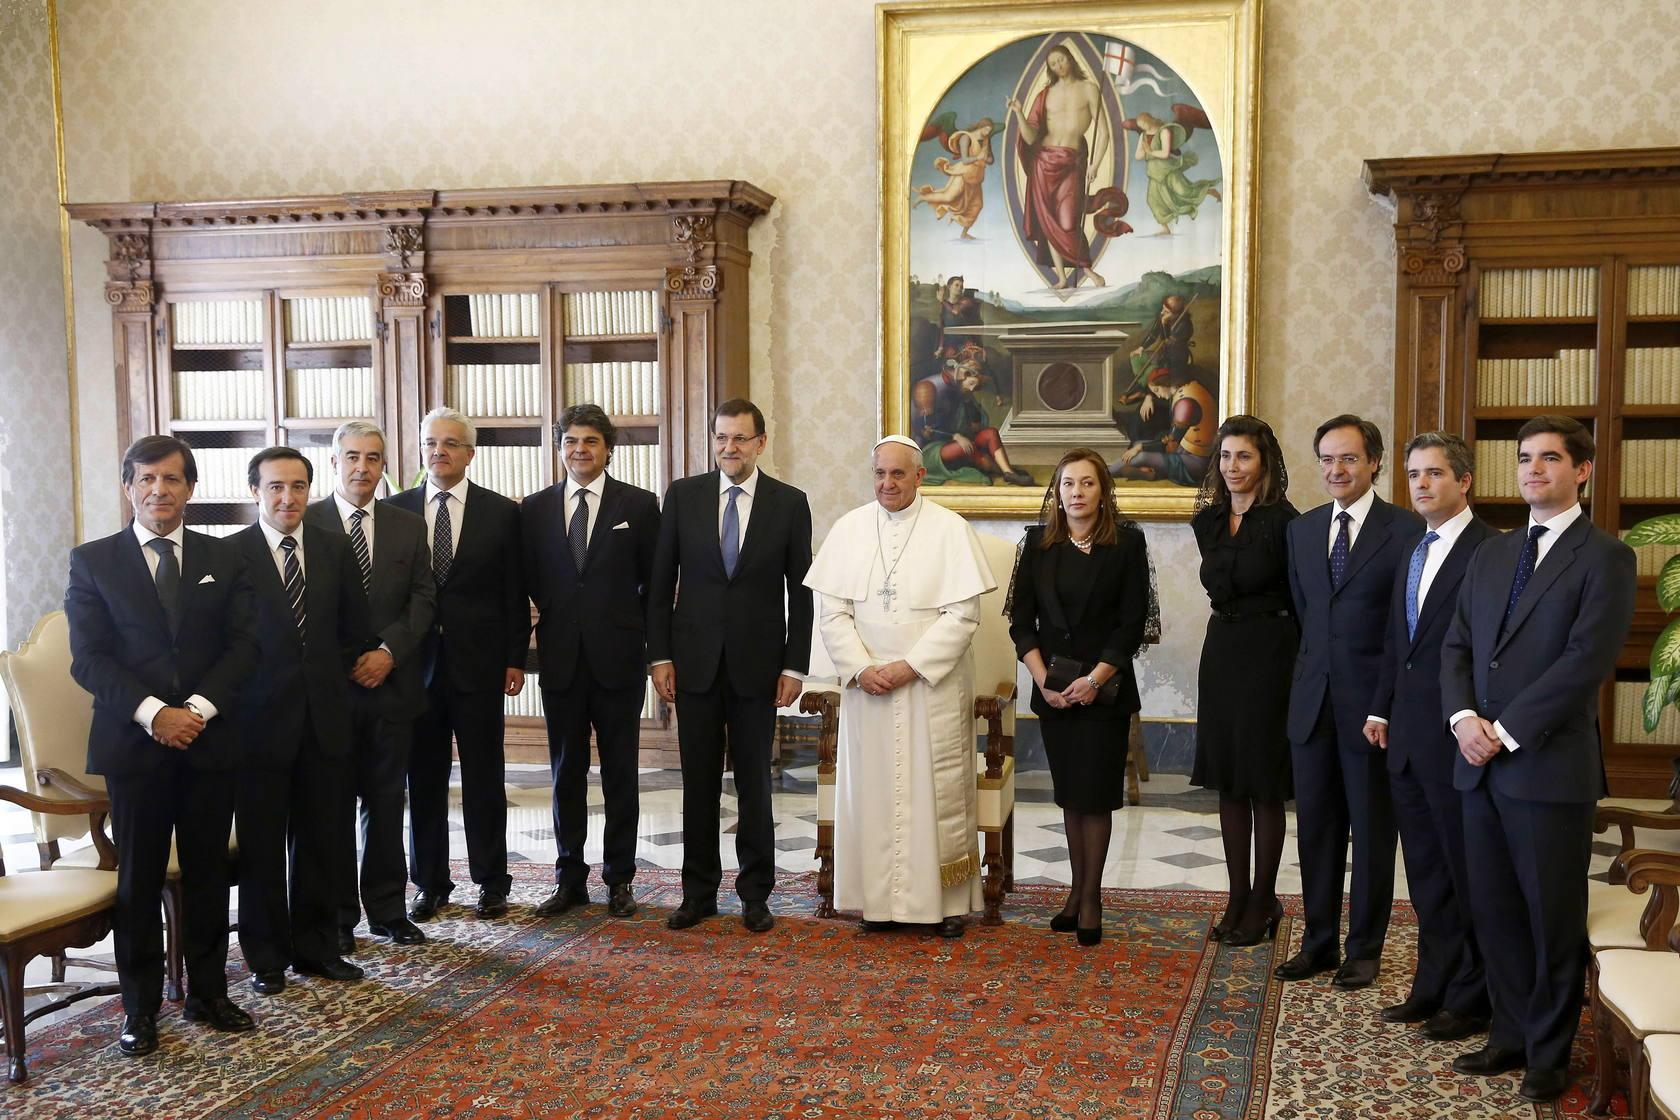 El Papa recibe a Rajoy en el Vaticano